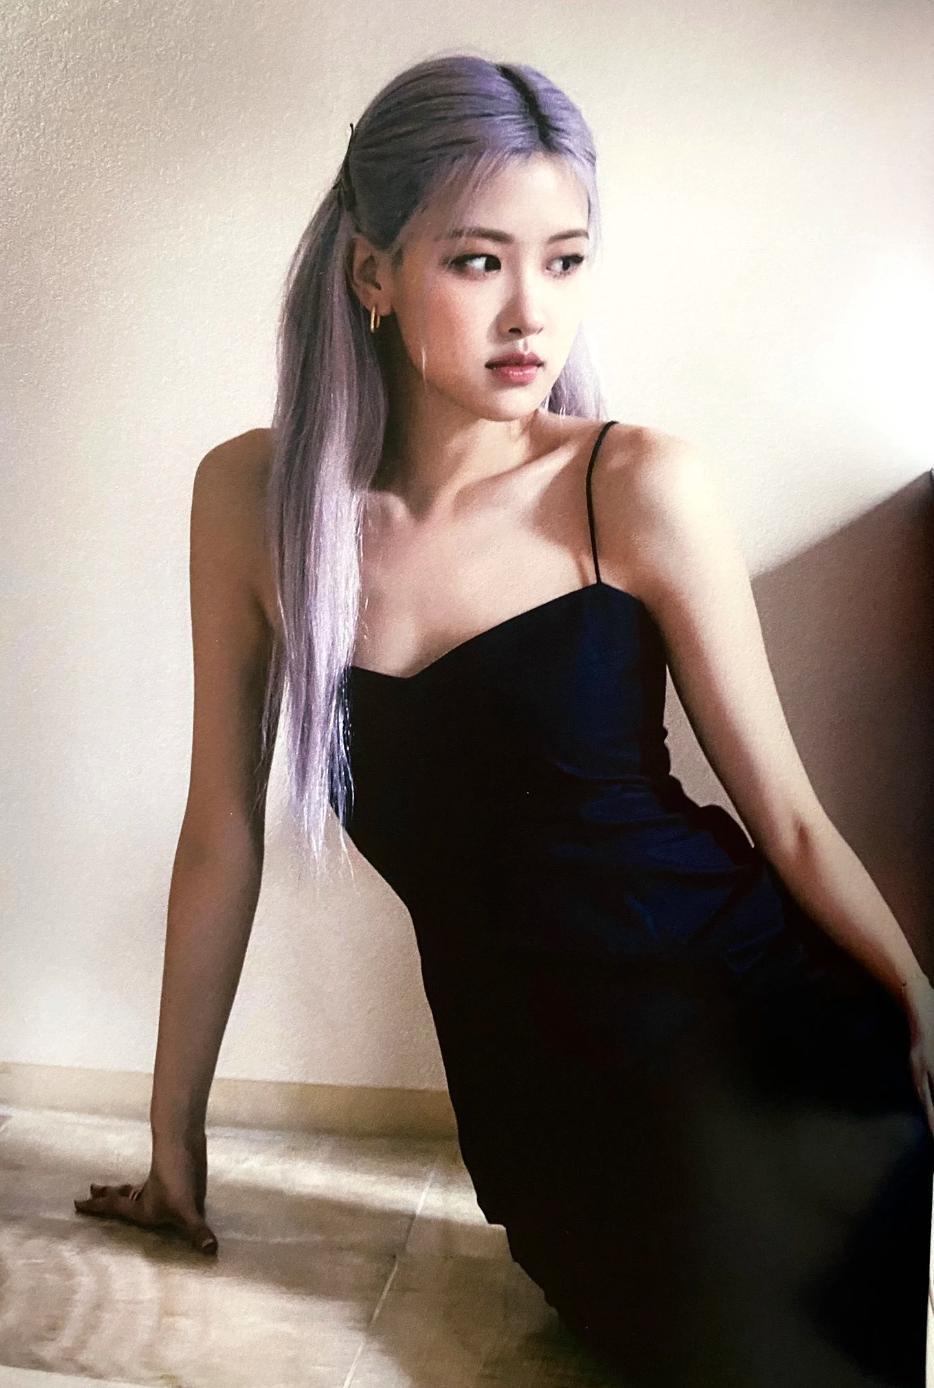 'Bóc' giá trang phục của các cô gái BLACKPINK trong bộ ảnh 'Nhật kí mùa hè 2020 tại Seoul' Ảnh 8